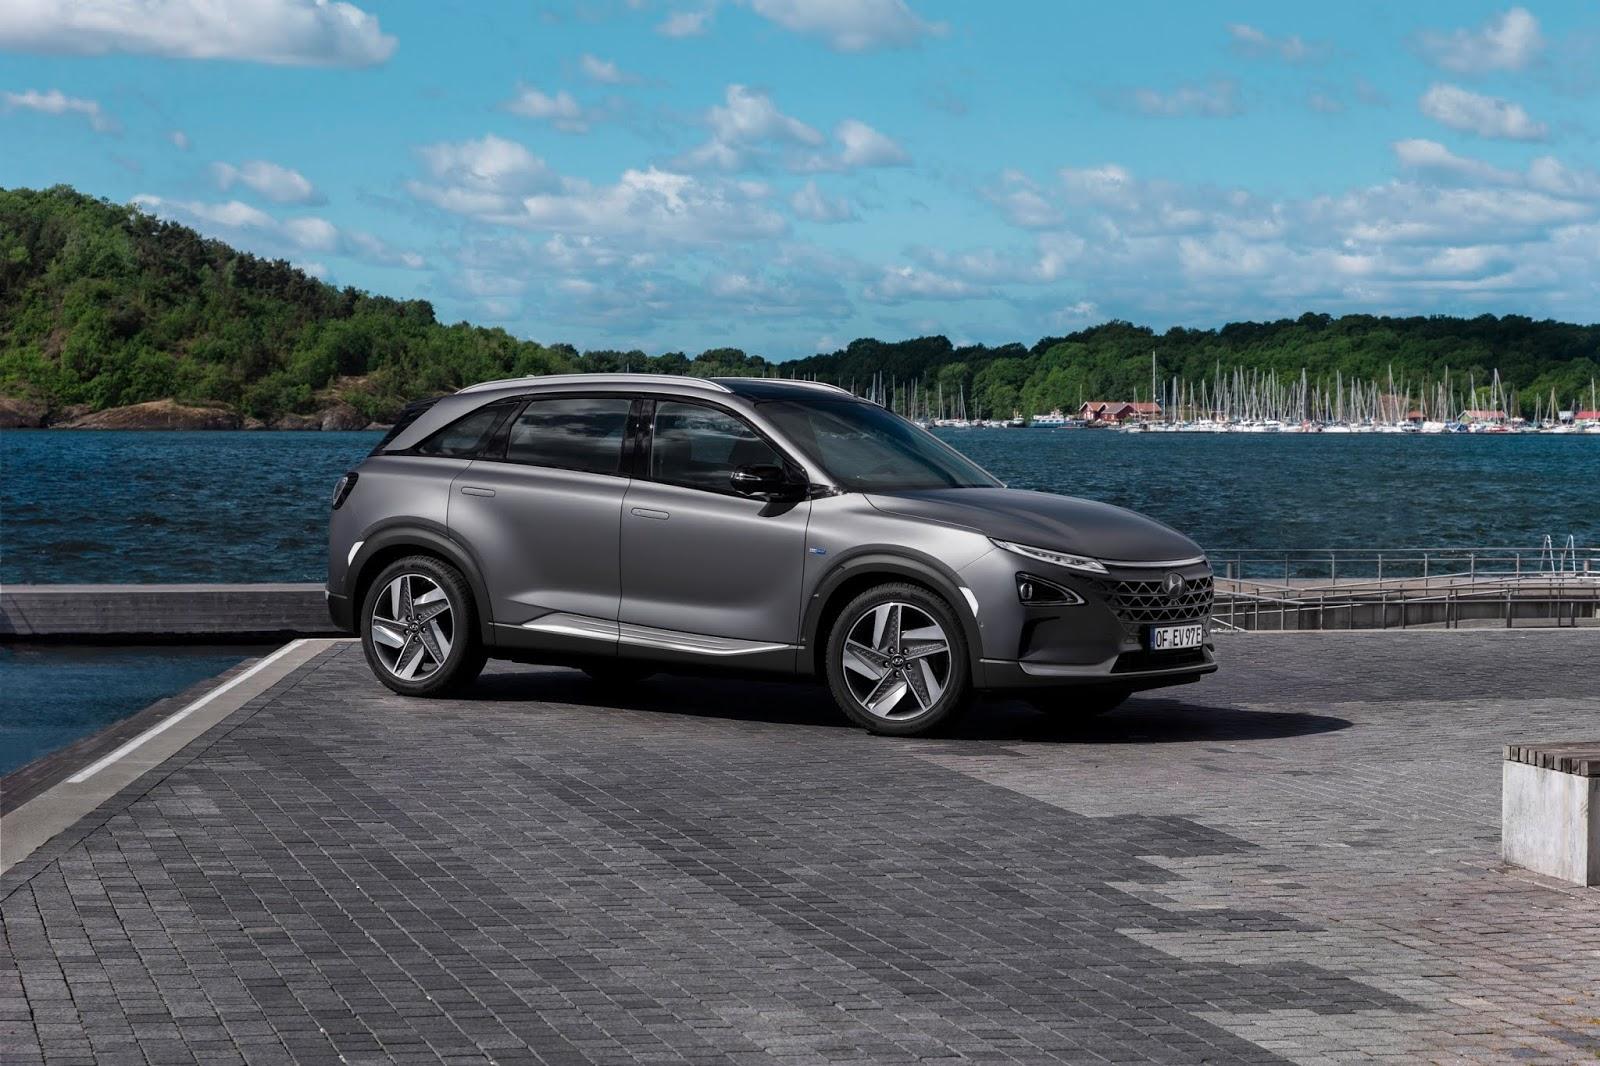 Hyundai2BNEXO Σαρώνει τα (γερμανικά) βραβεία η Hyundai Electric cars, Hyundai, Hyundai i10, Hyundai i20, Hyundai Kona, Hyundai Ελλάς